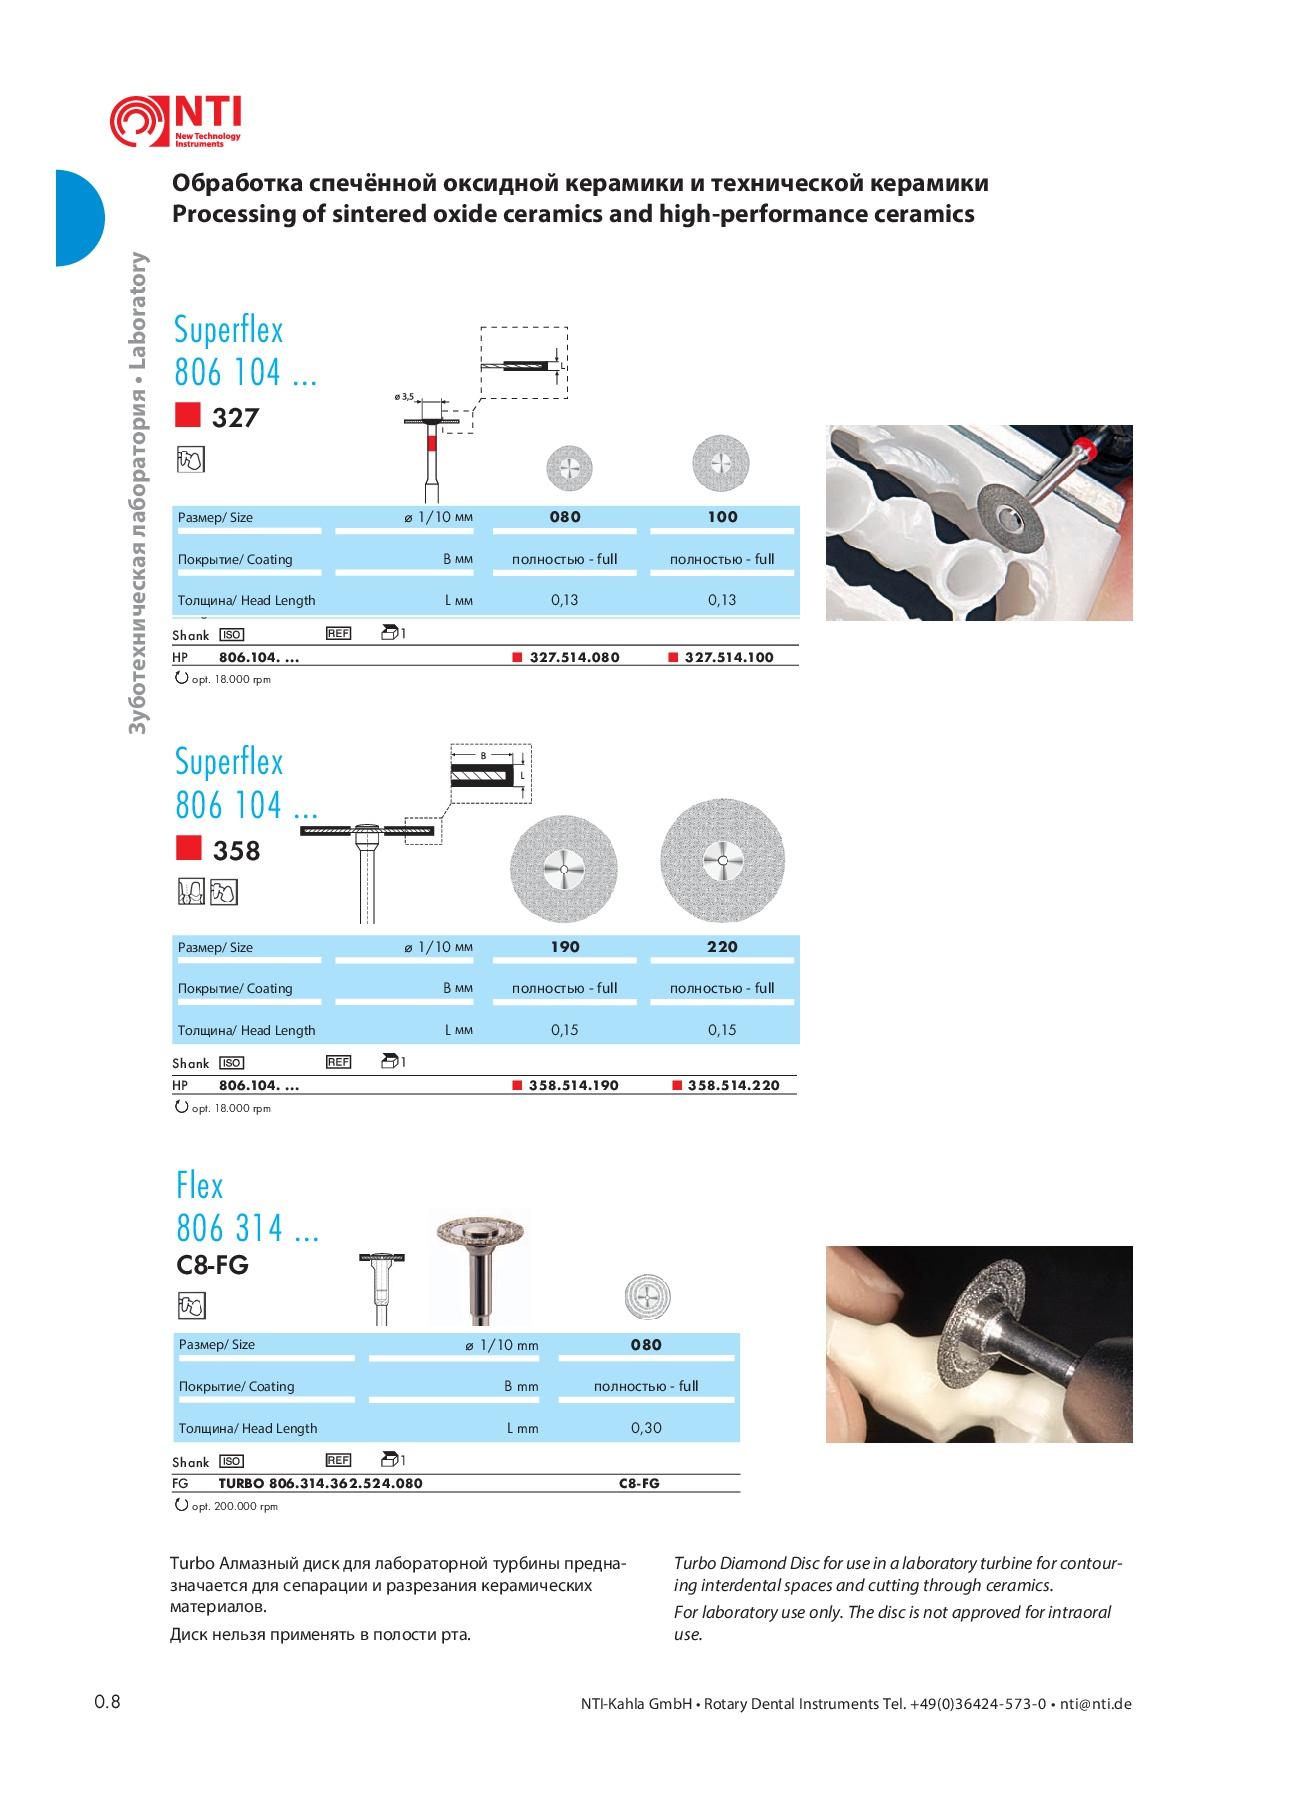 Обработка технической керамики7